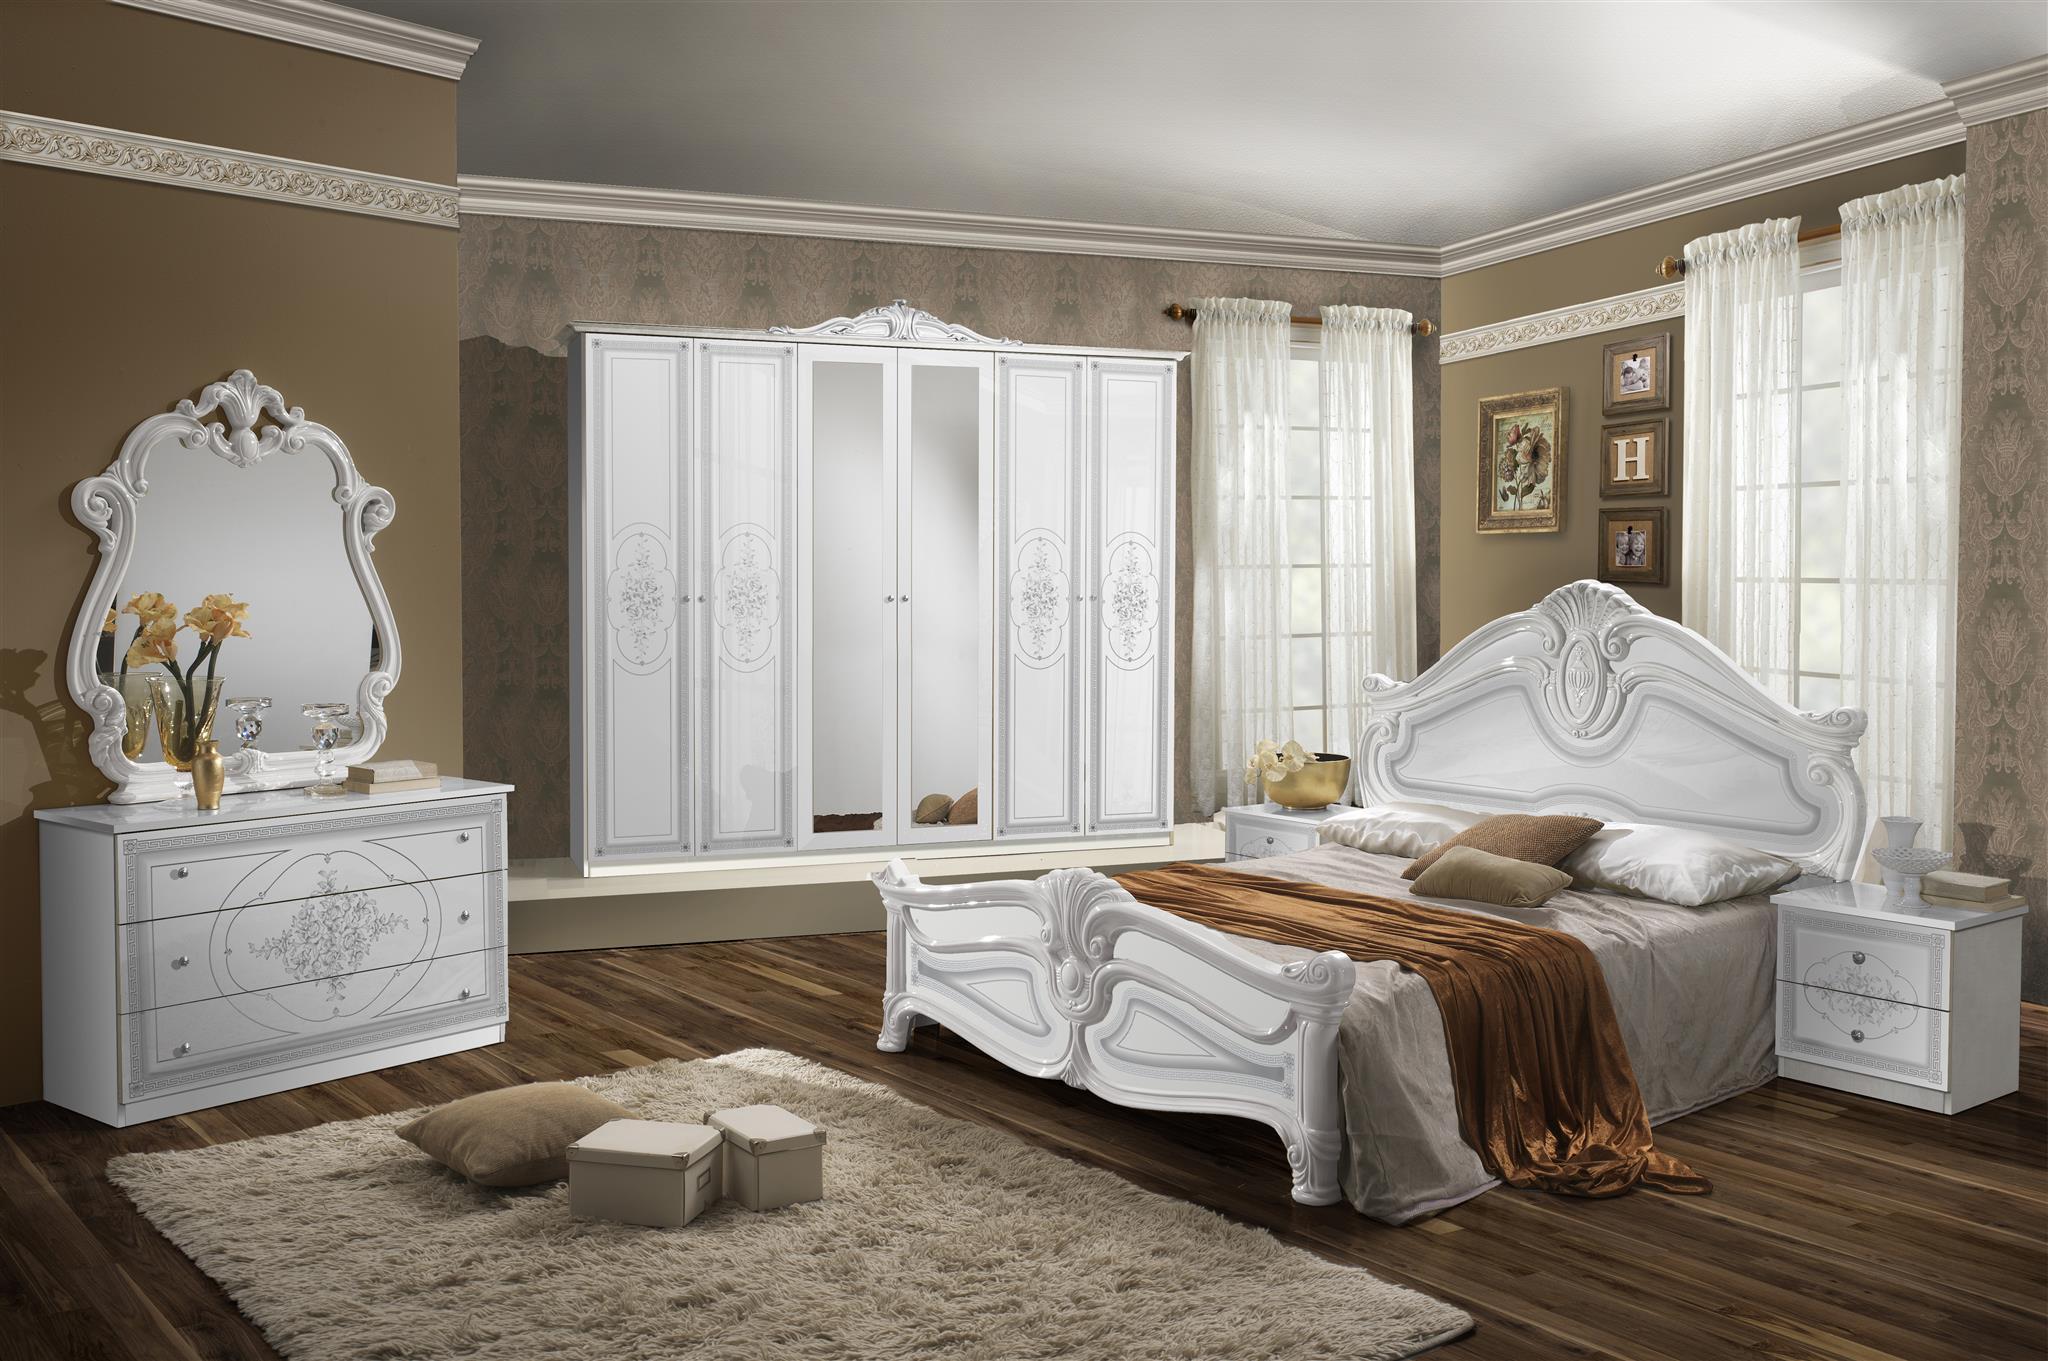 Klassisches Schlafzimmer, Elegantes Schlafzimmer